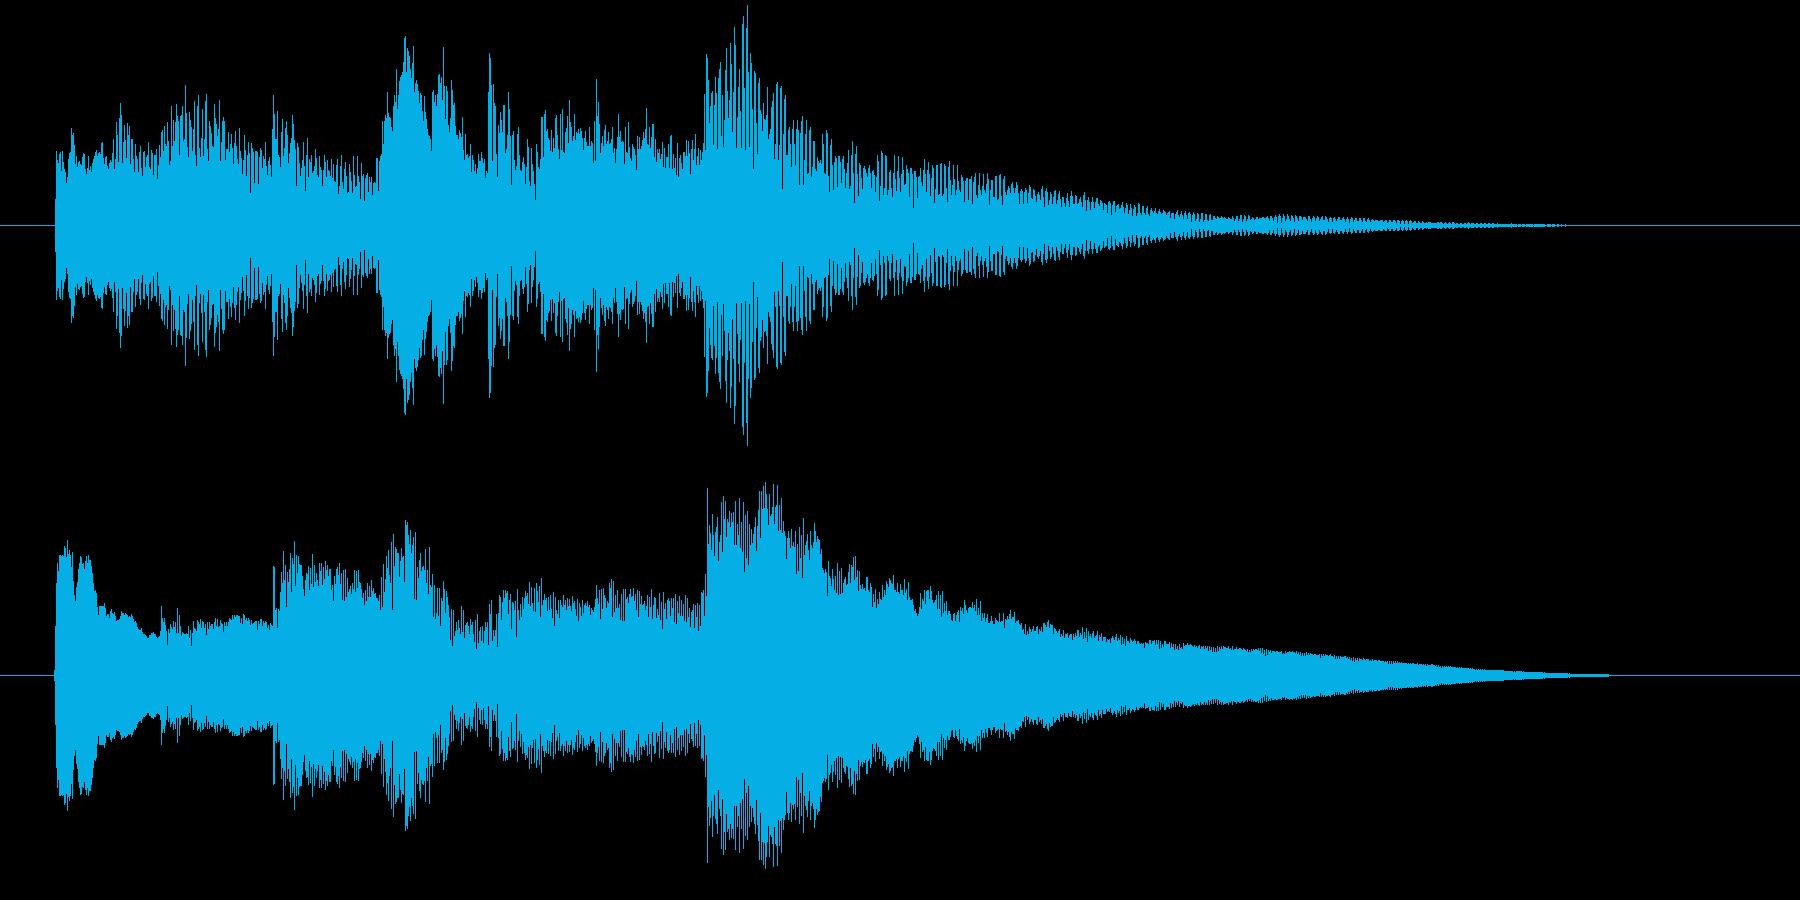 【ジングル】オルゴールのゆったりした曲の再生済みの波形